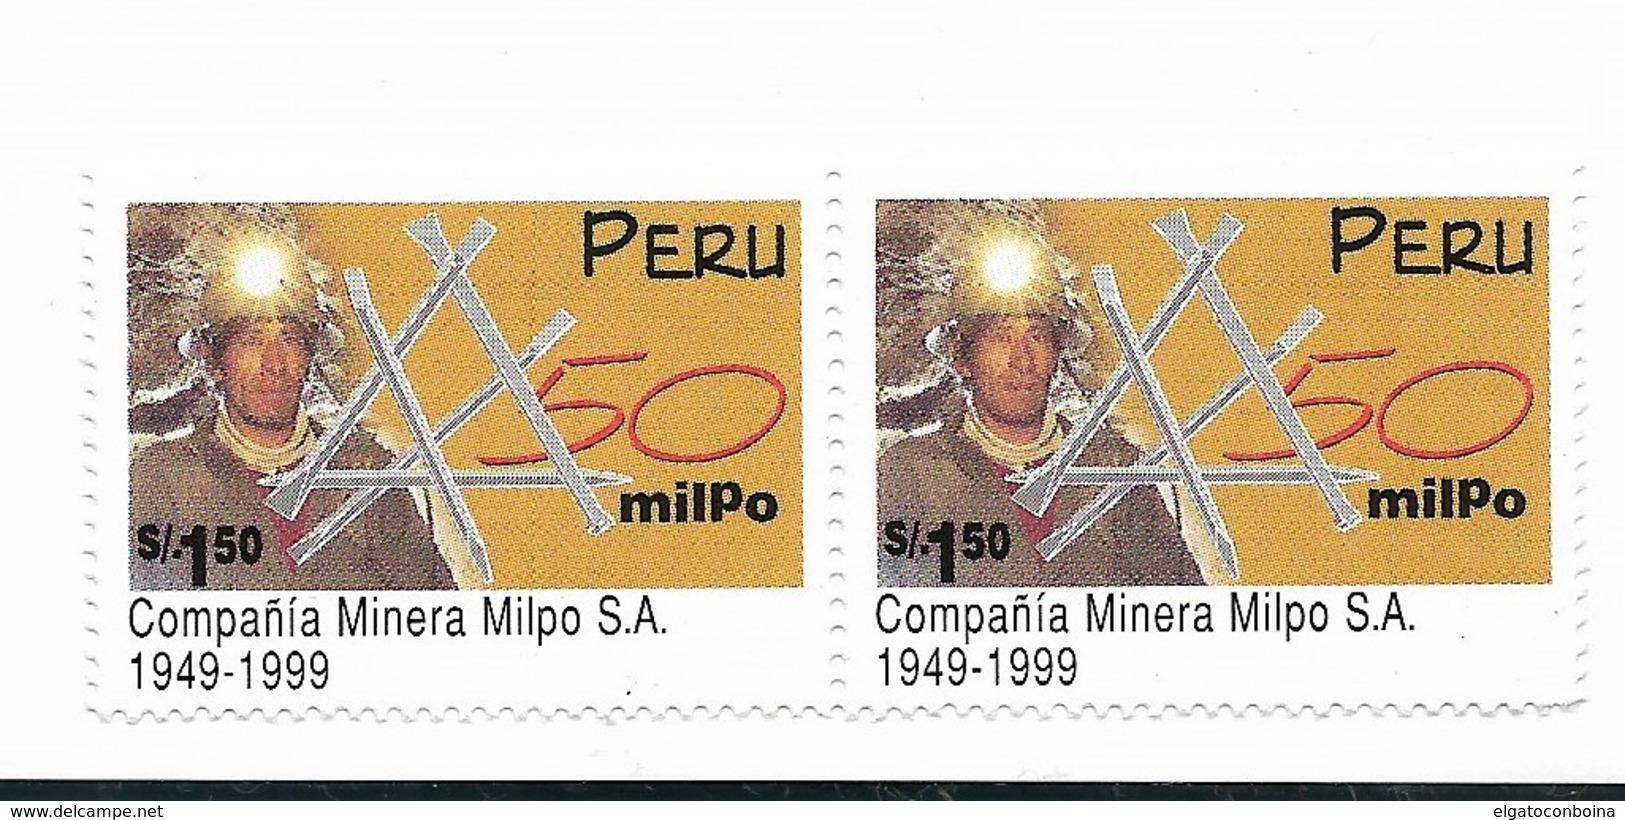 Peru 1999, MILPO MINING COMPANY, SCOTT 1217 MICHEL 1674 1 VALUE MNH - Peru